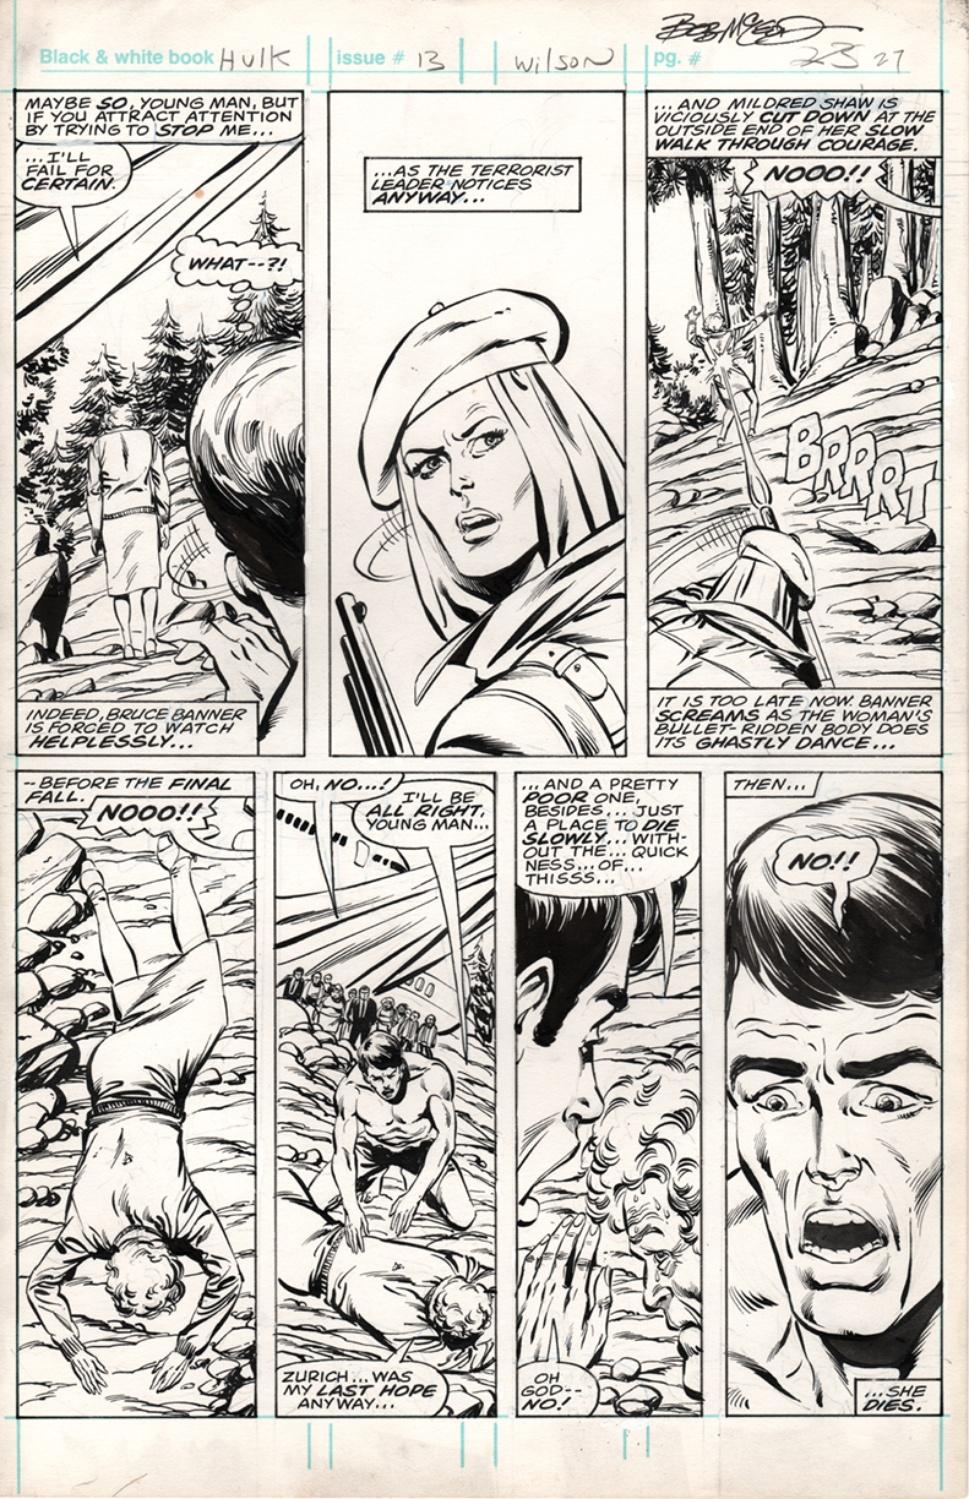 Hulk - 13 pg27